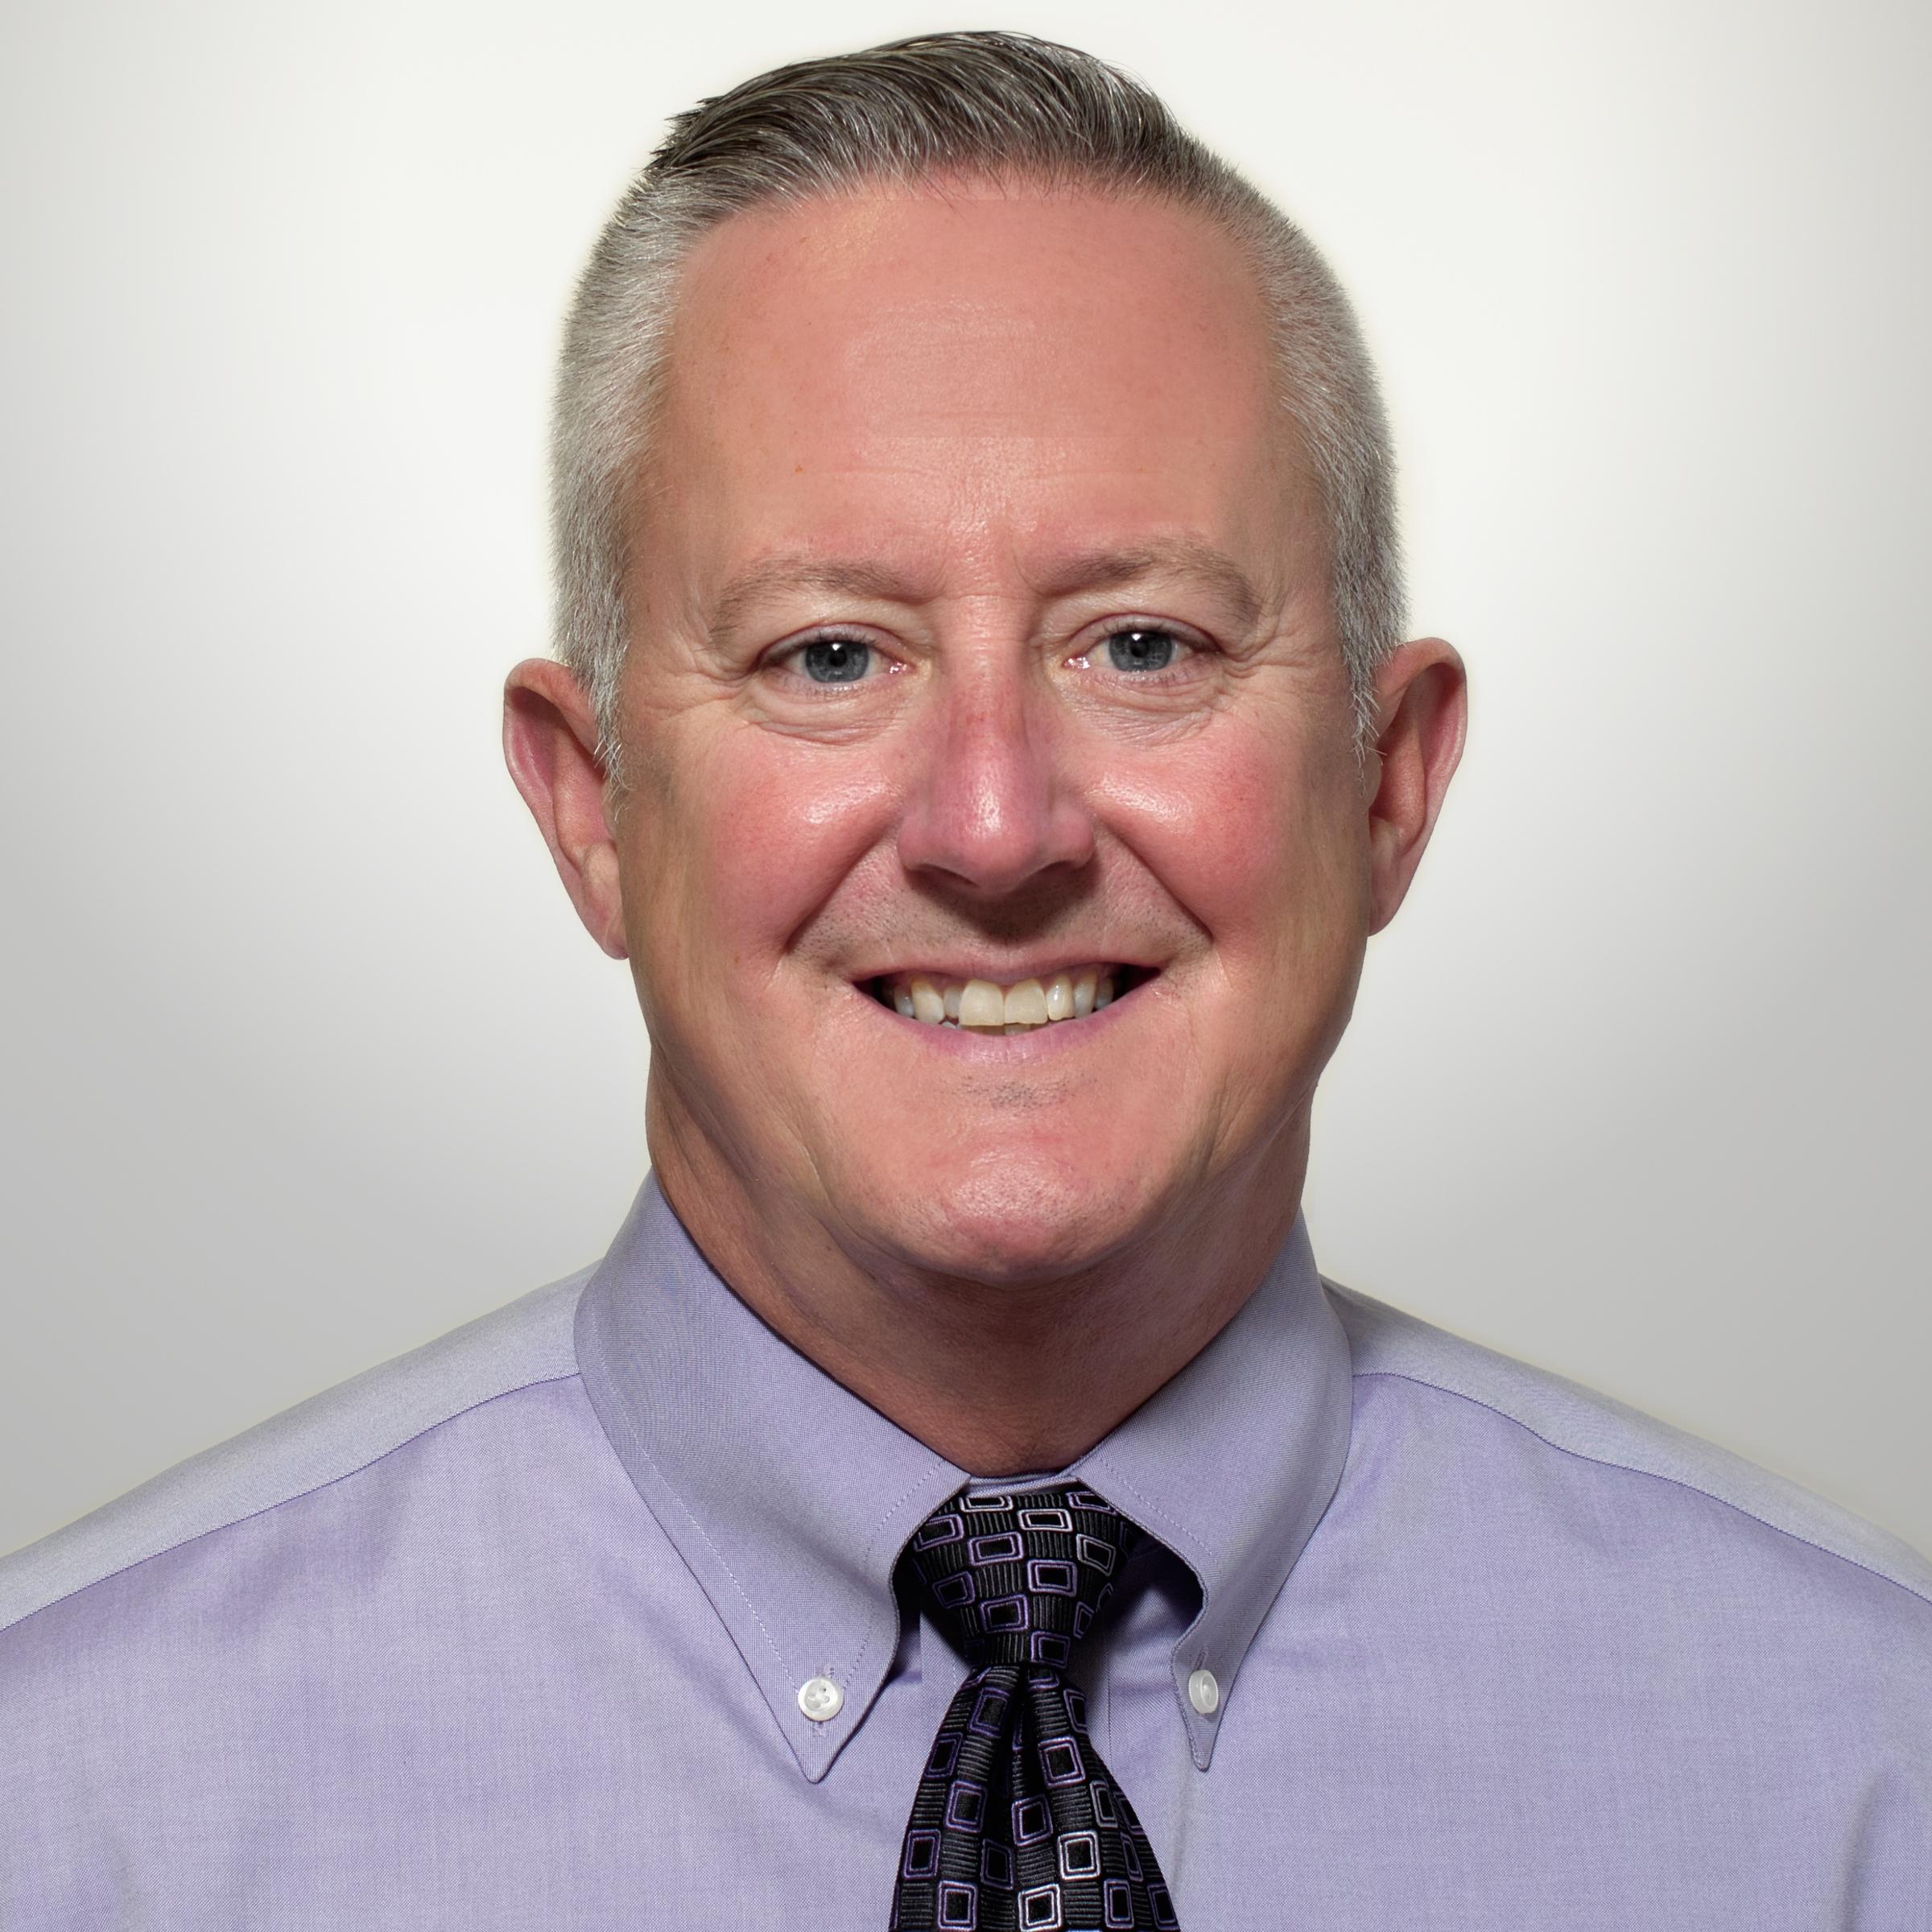 Doug Walther